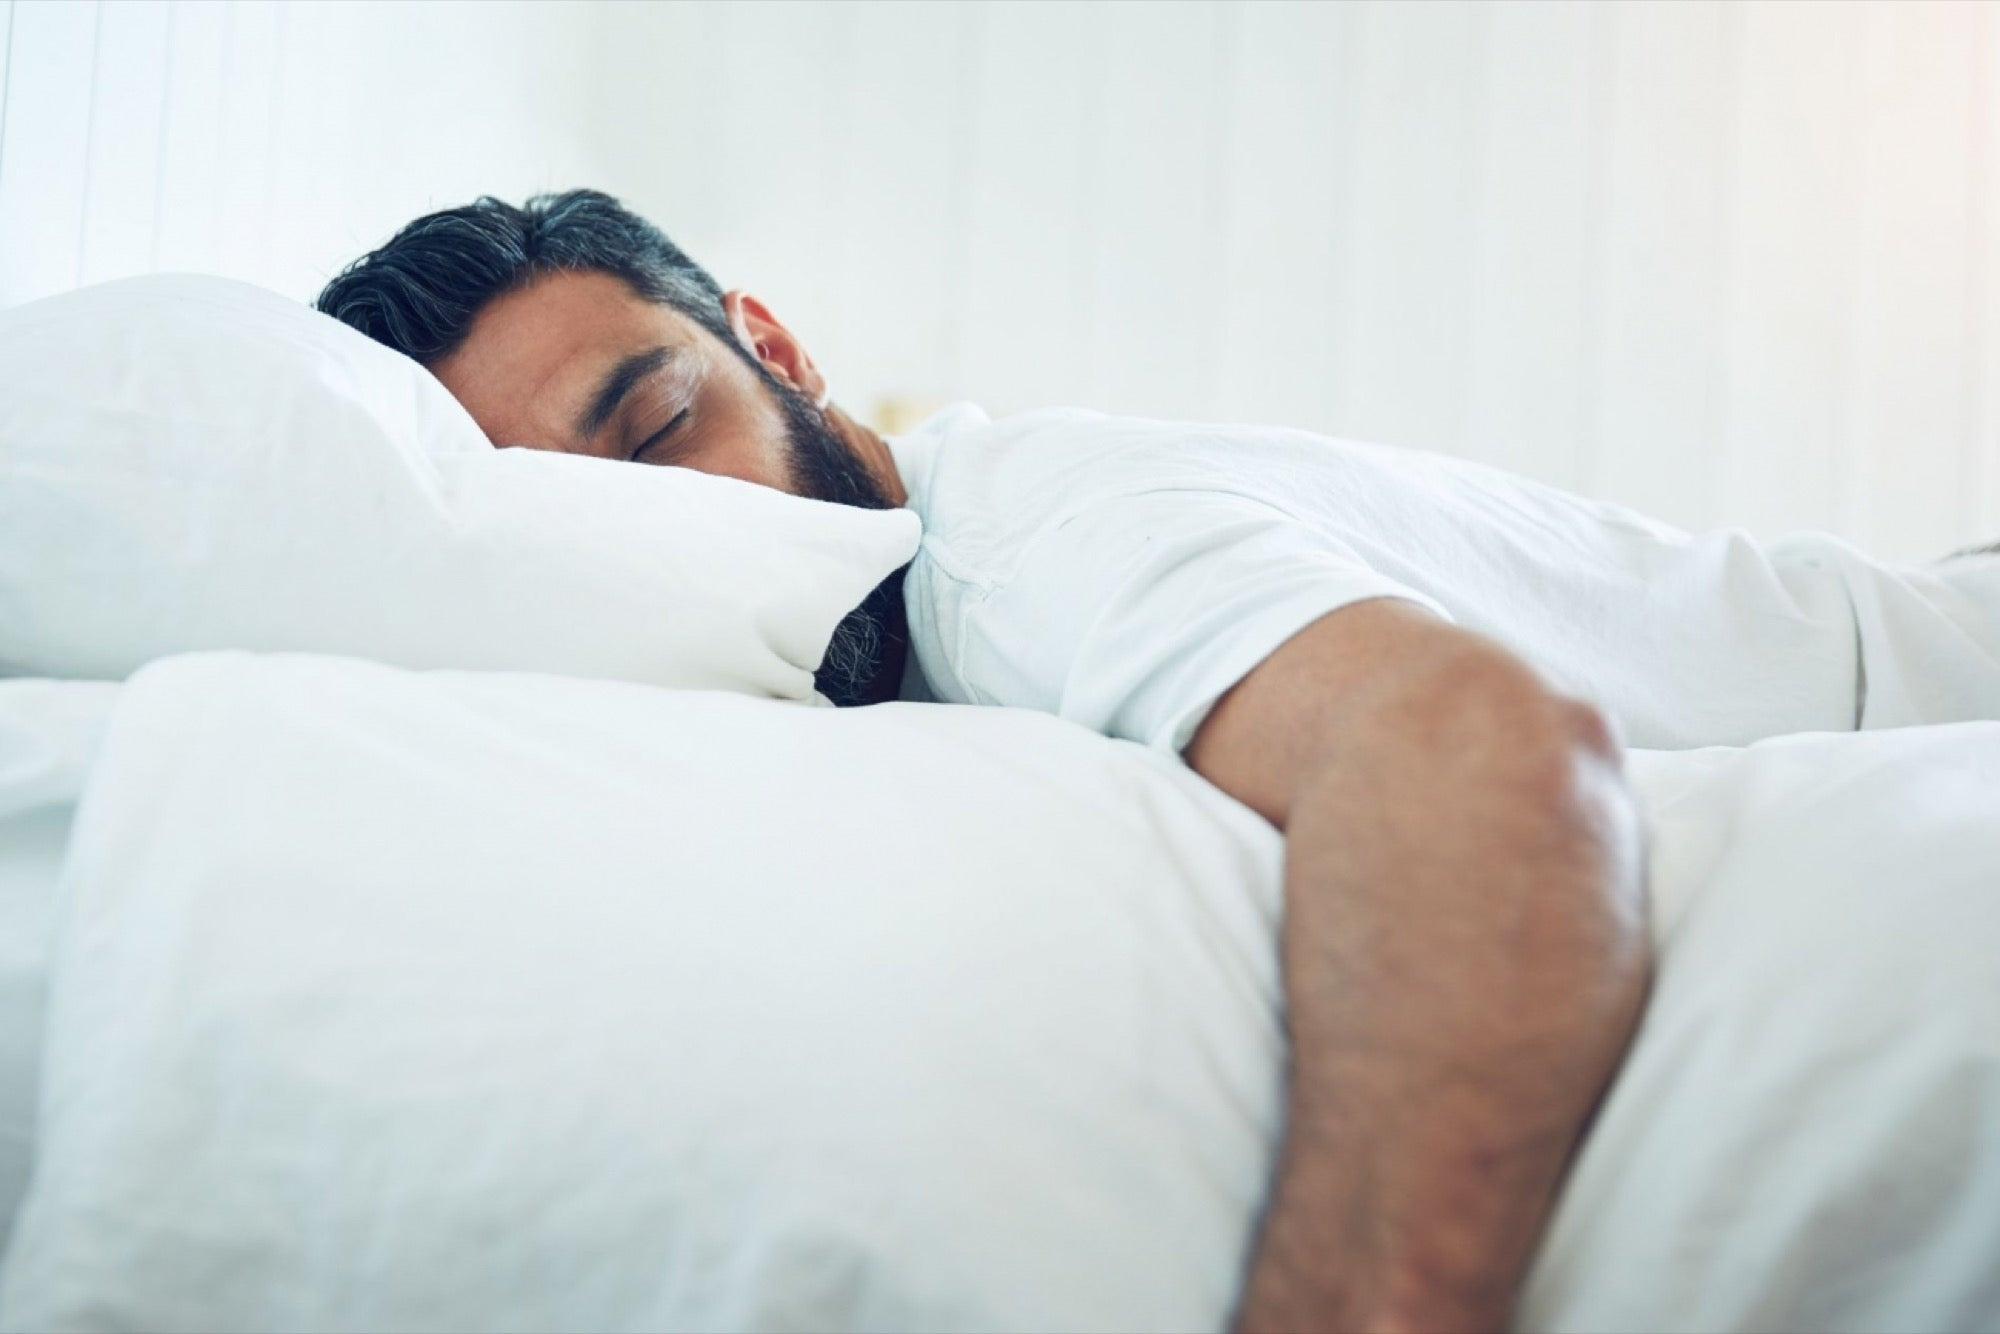 Κοιμάσαι λιγότερο από 6 ώρες; – Τι συμβαίνει στο σώμα σου